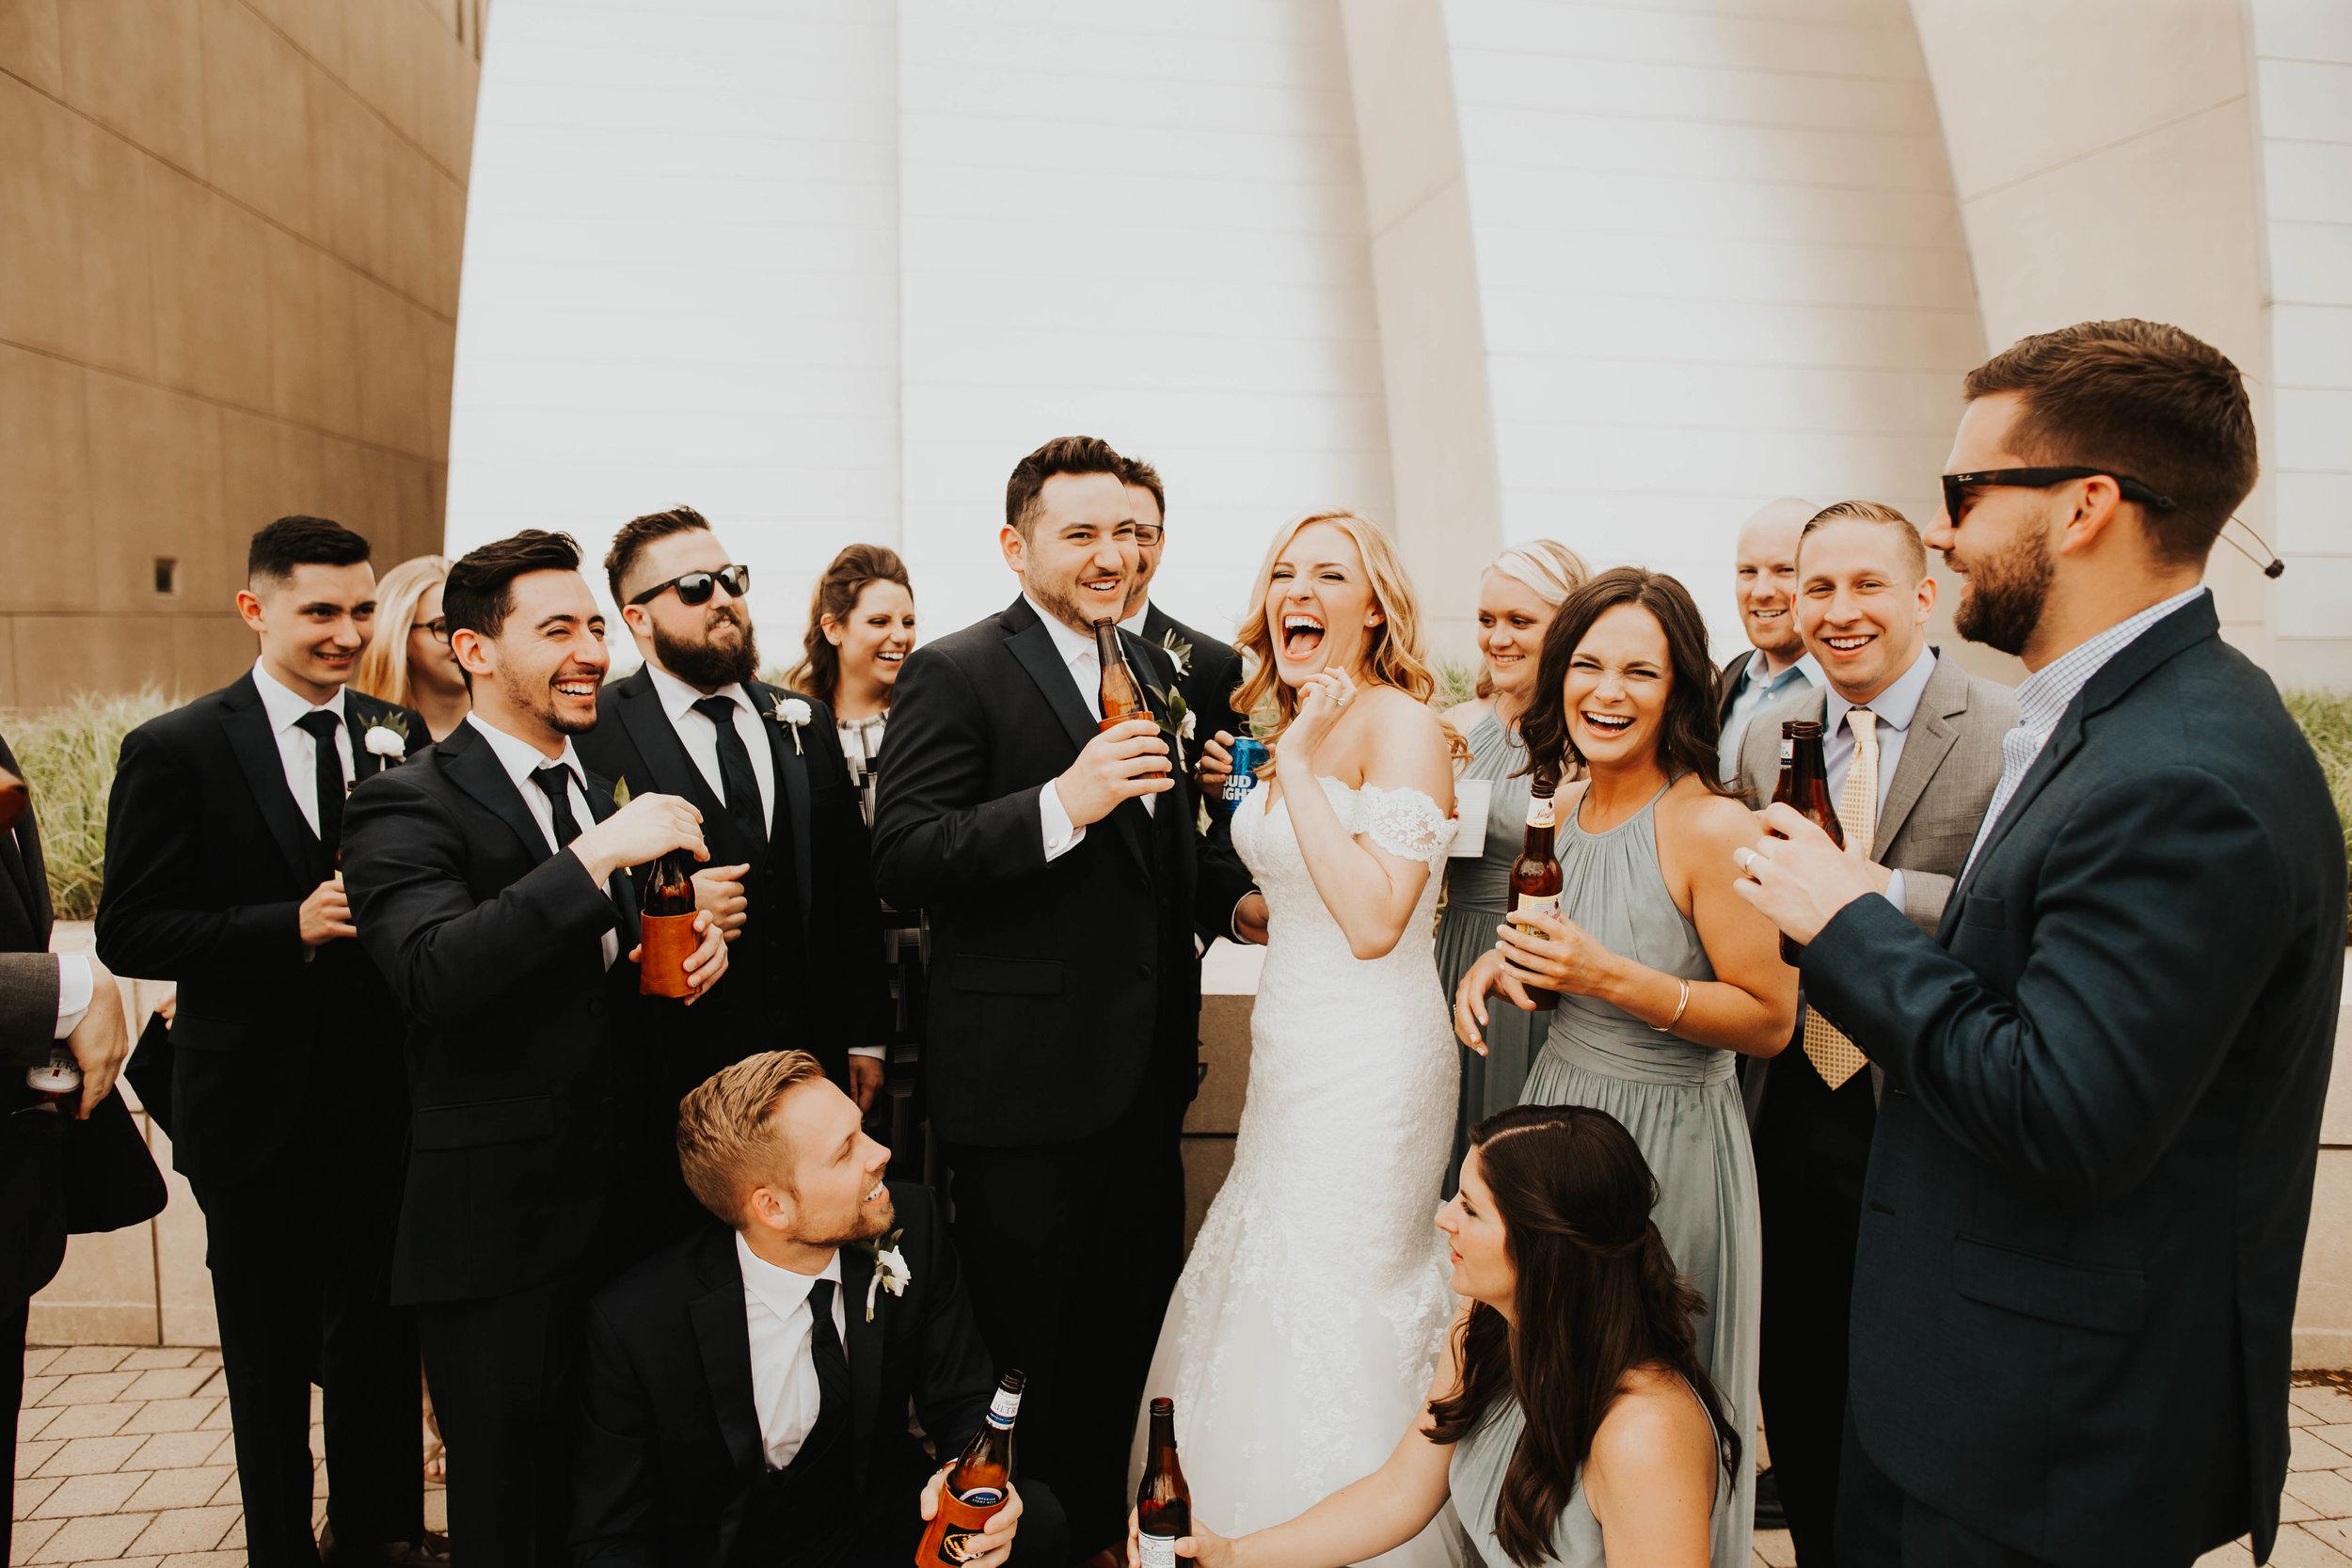 Bryce + Lauren Wedding Party Photos-57.jpg